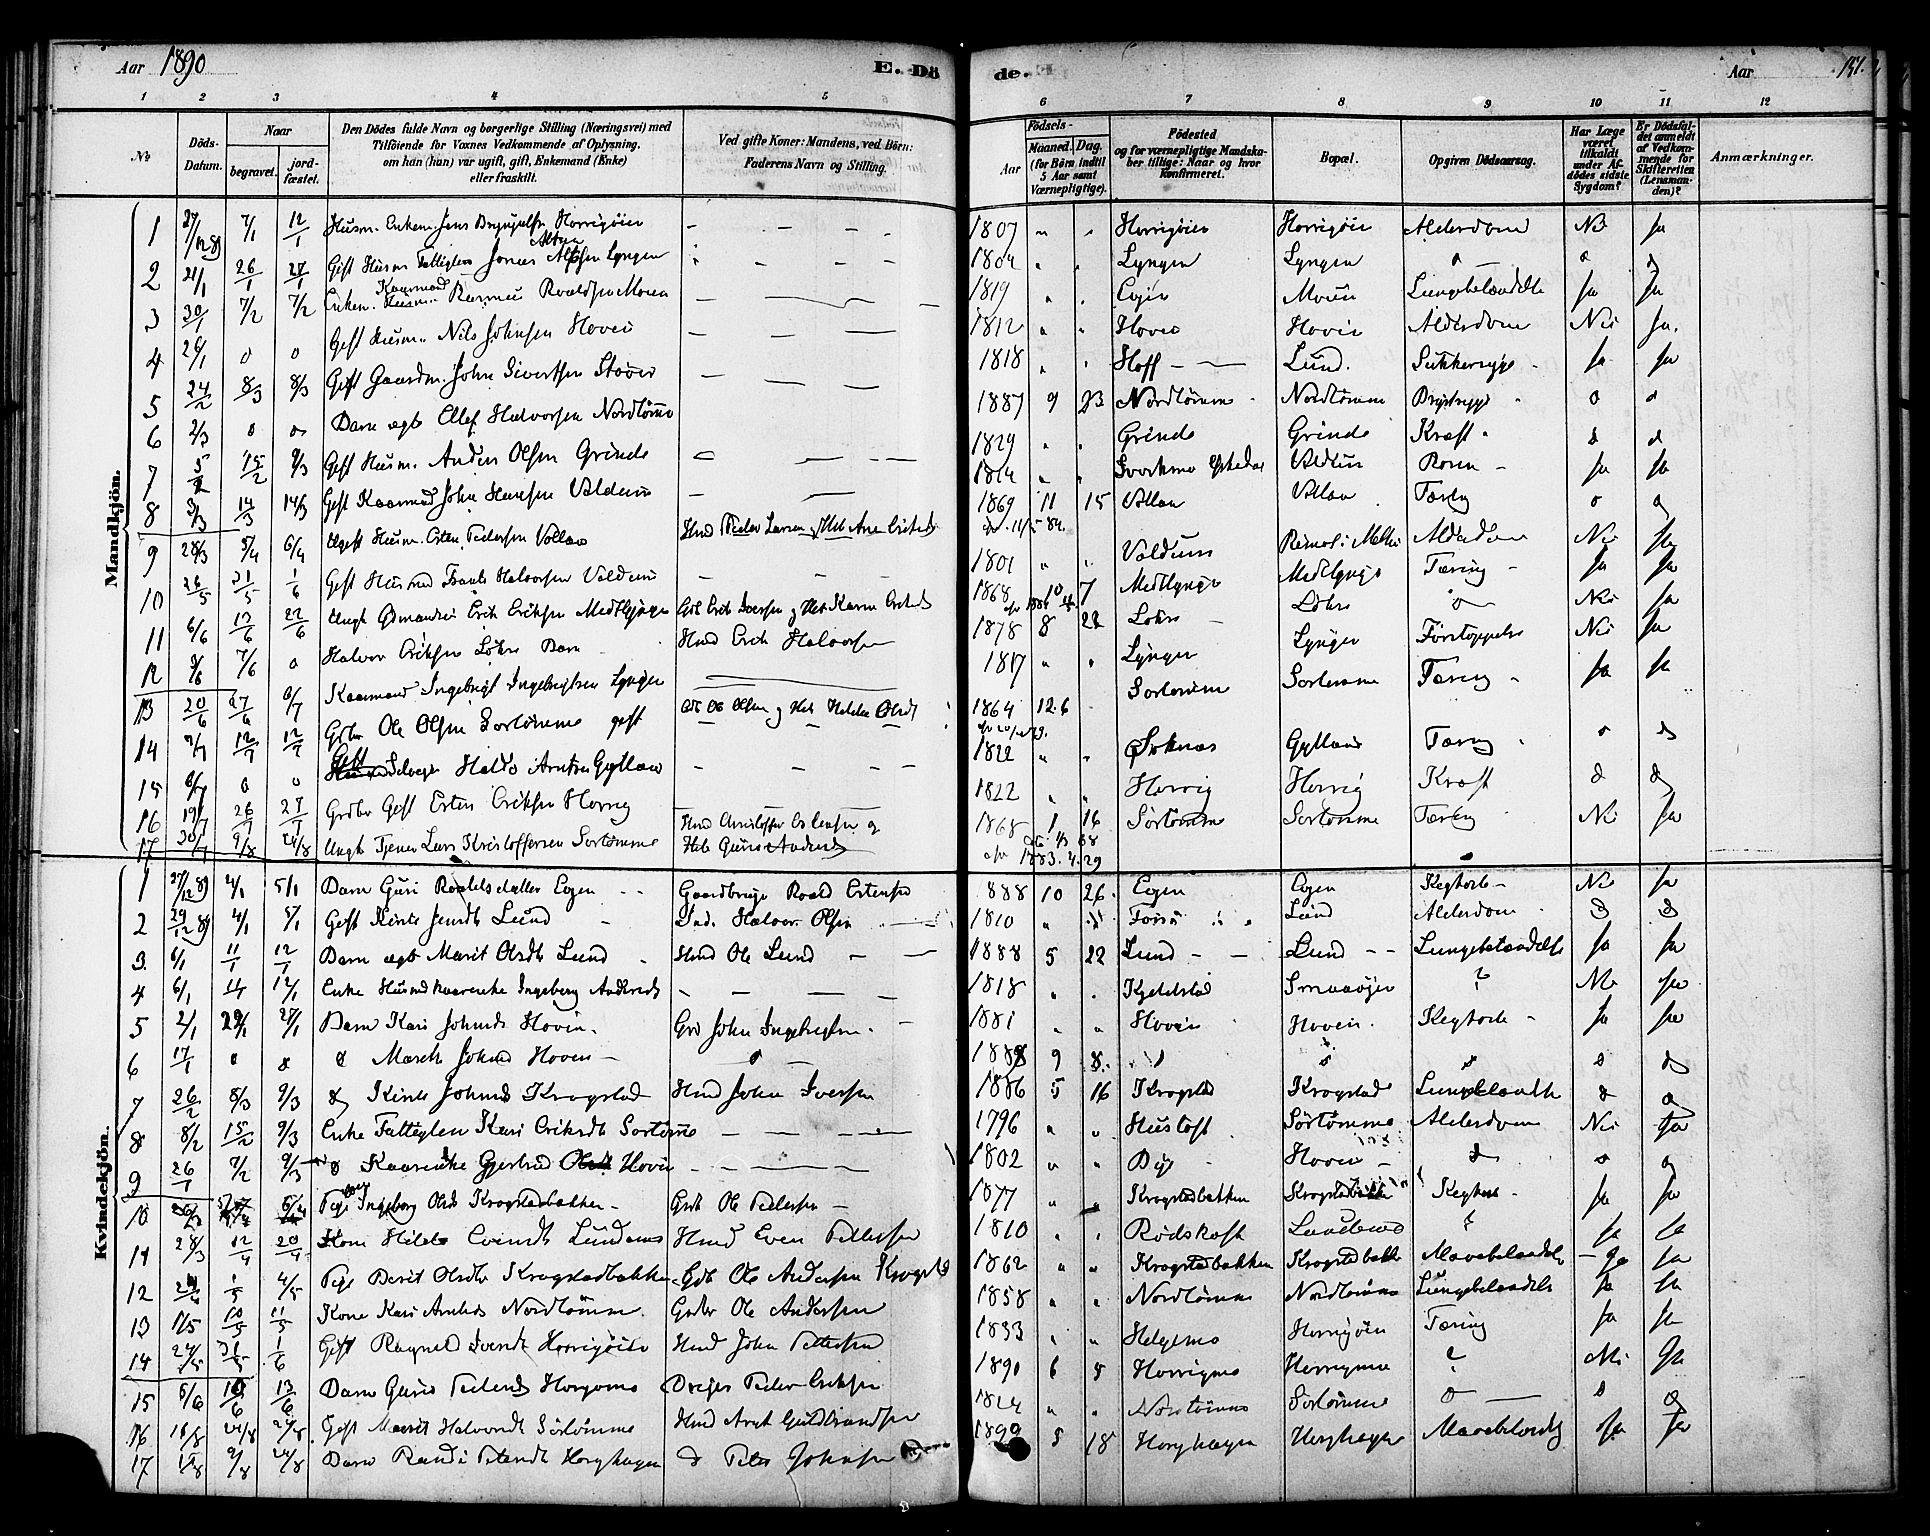 SAT, Ministerialprotokoller, klokkerbøker og fødselsregistre - Sør-Trøndelag, 692/L1105: Ministerialbok nr. 692A05, 1878-1890, s. 151